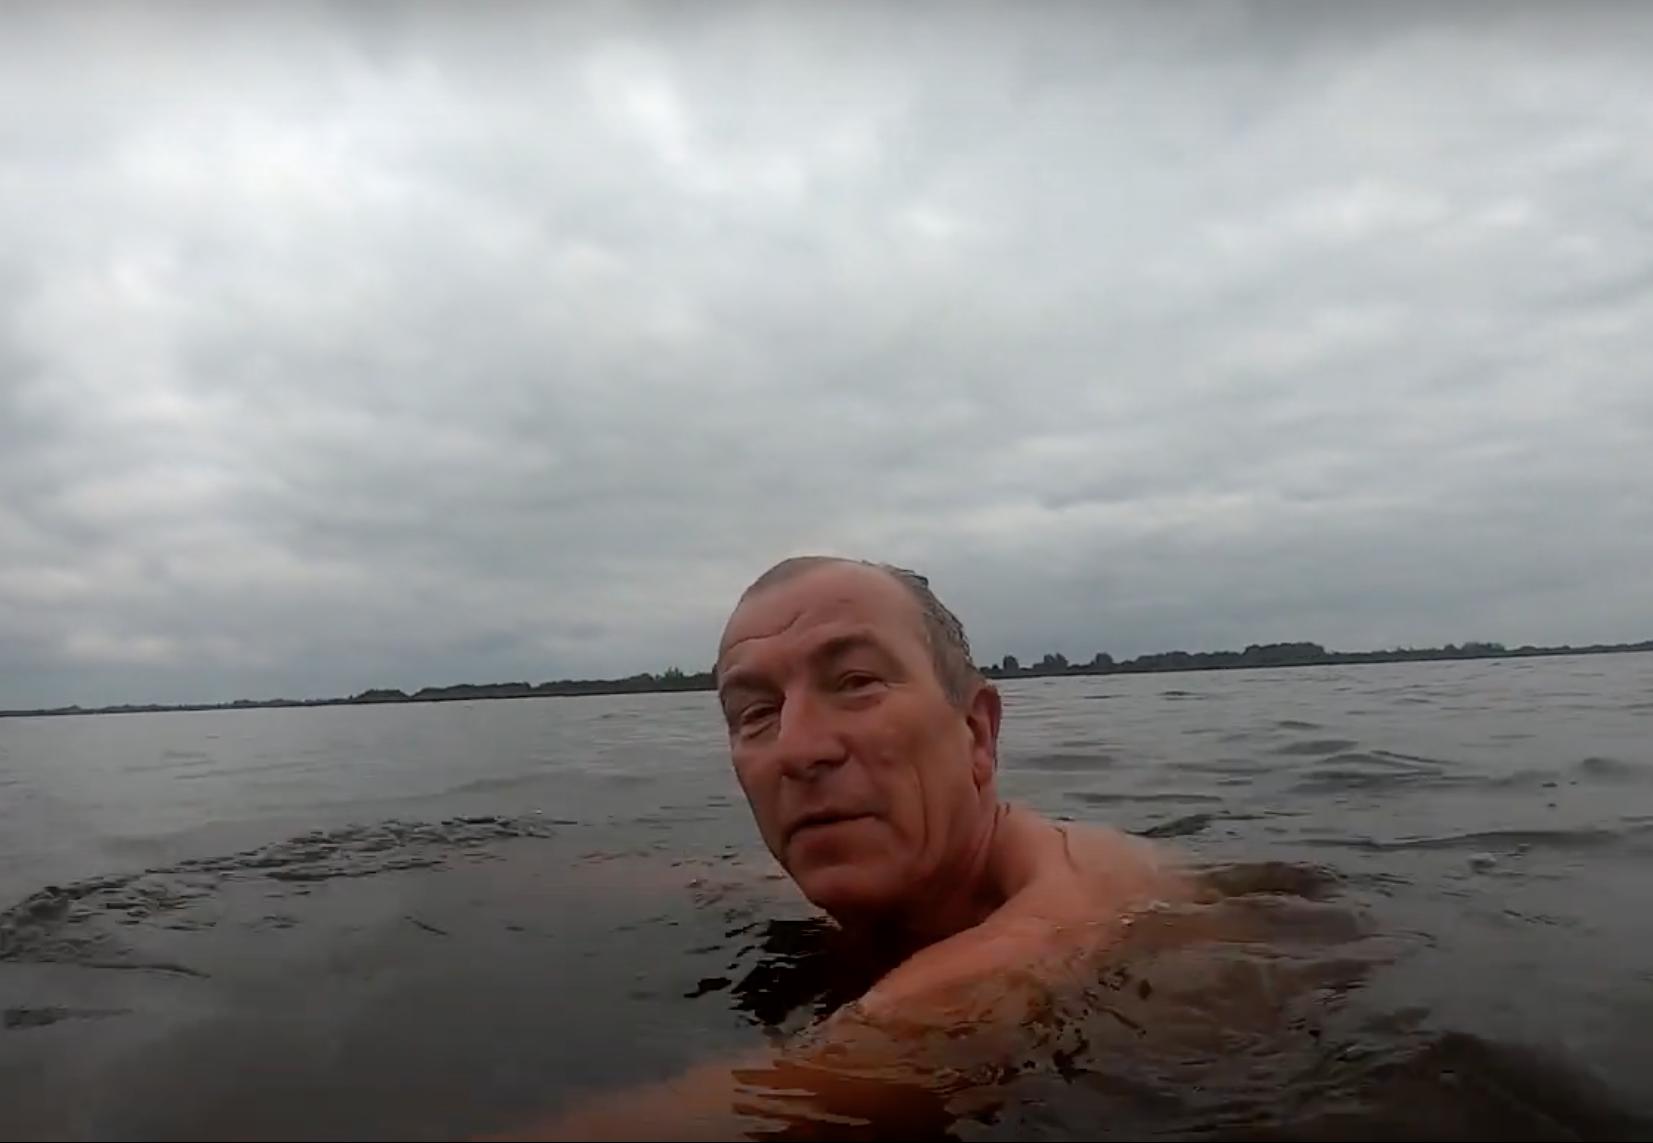 Buitenzwemmen in Friesland + 10 graden